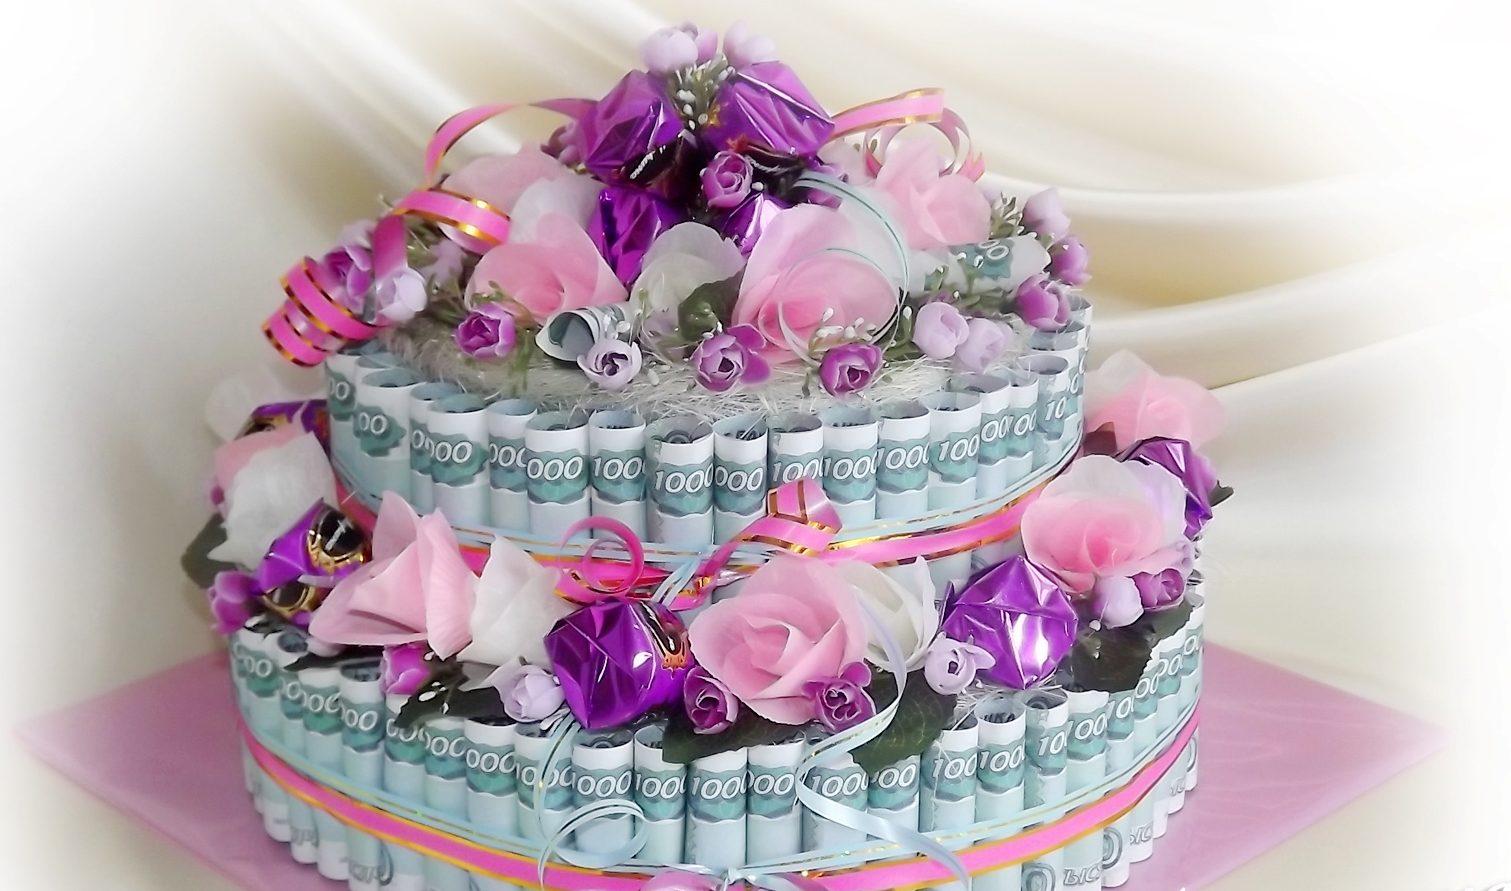 Торт из денег своими руками. Как сделать торт из денежных купюр своими руками пошагово?